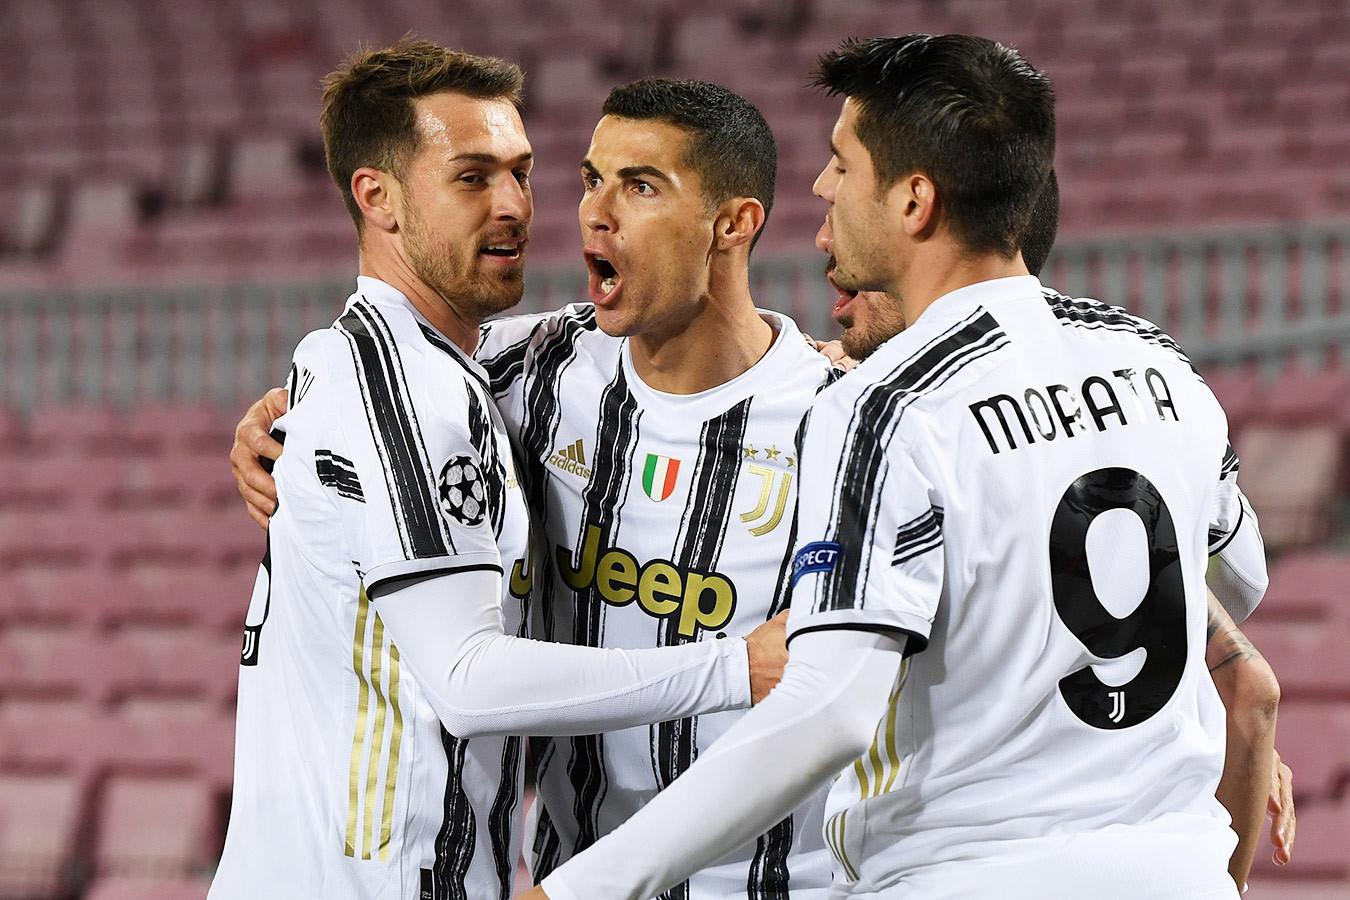 Ювентус стал обладателем Суперкубка Италии, обыграв Наполи